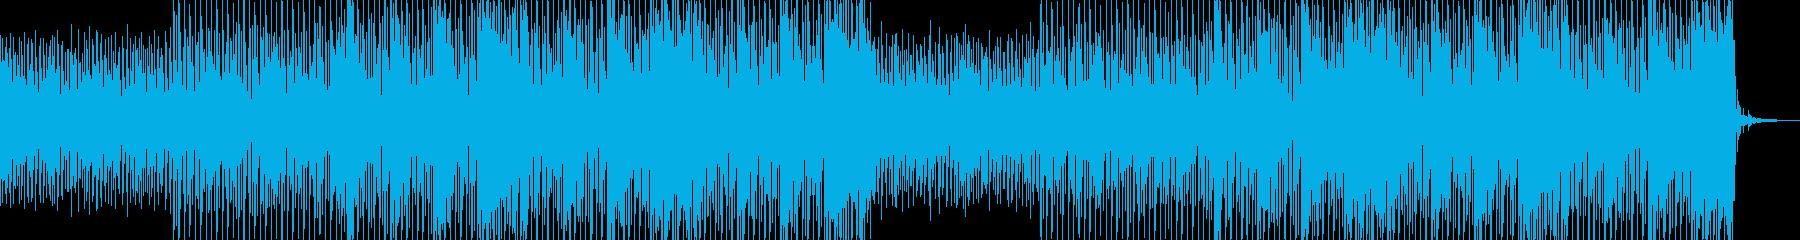 企業VP向け、爽やかポップ4つ打ち7-1の再生済みの波形